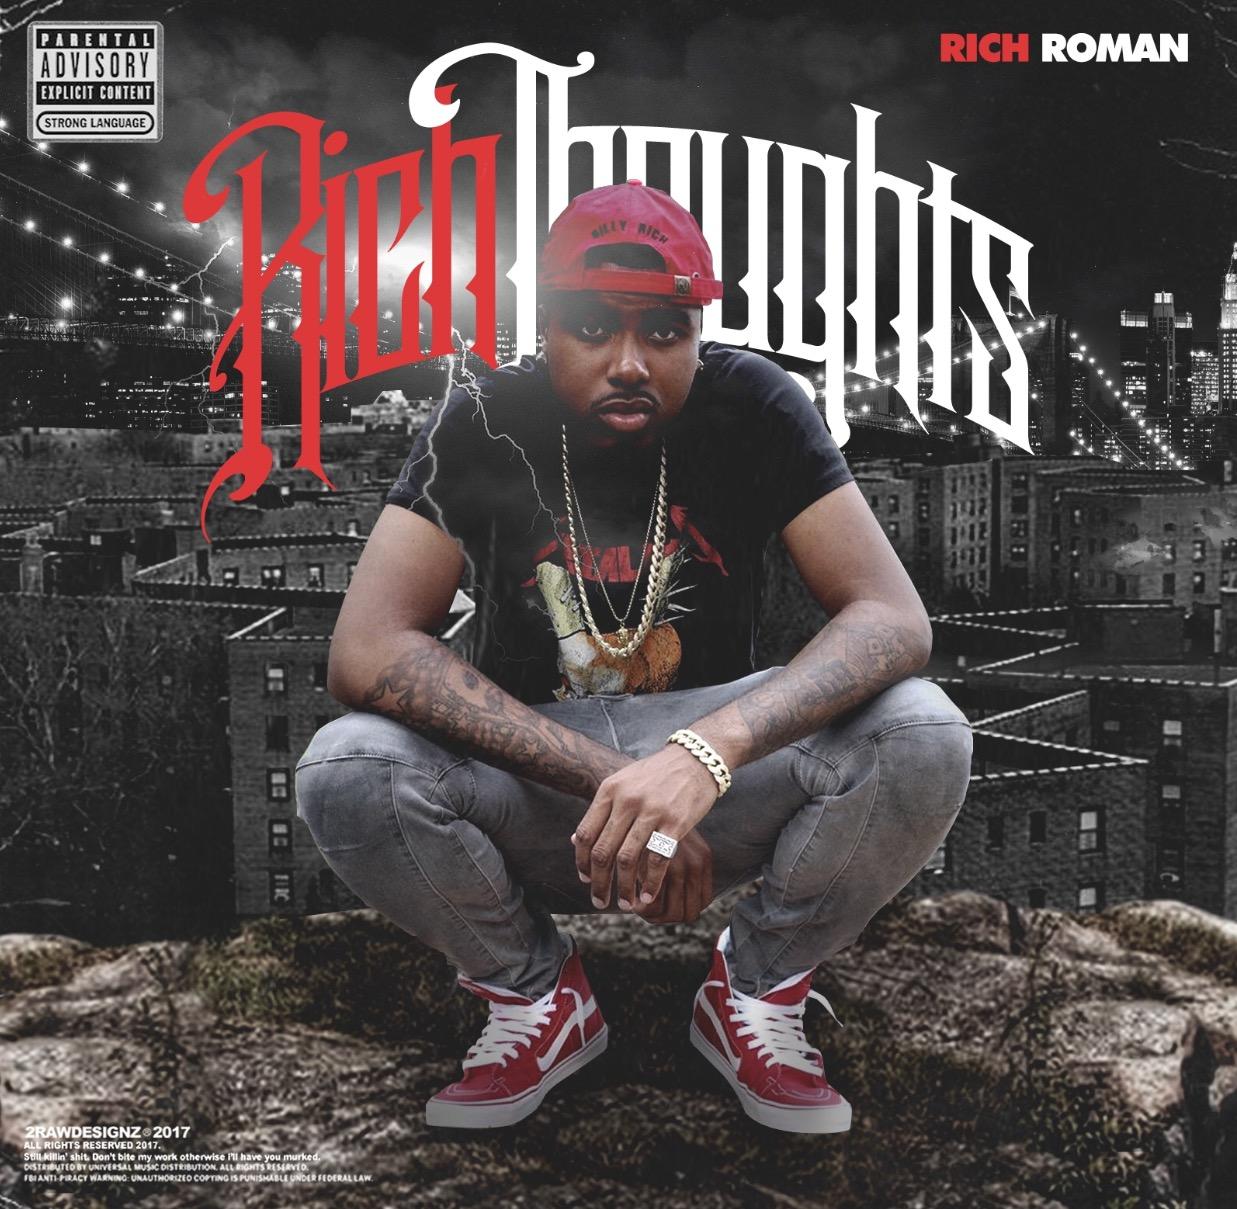 Rich Roman